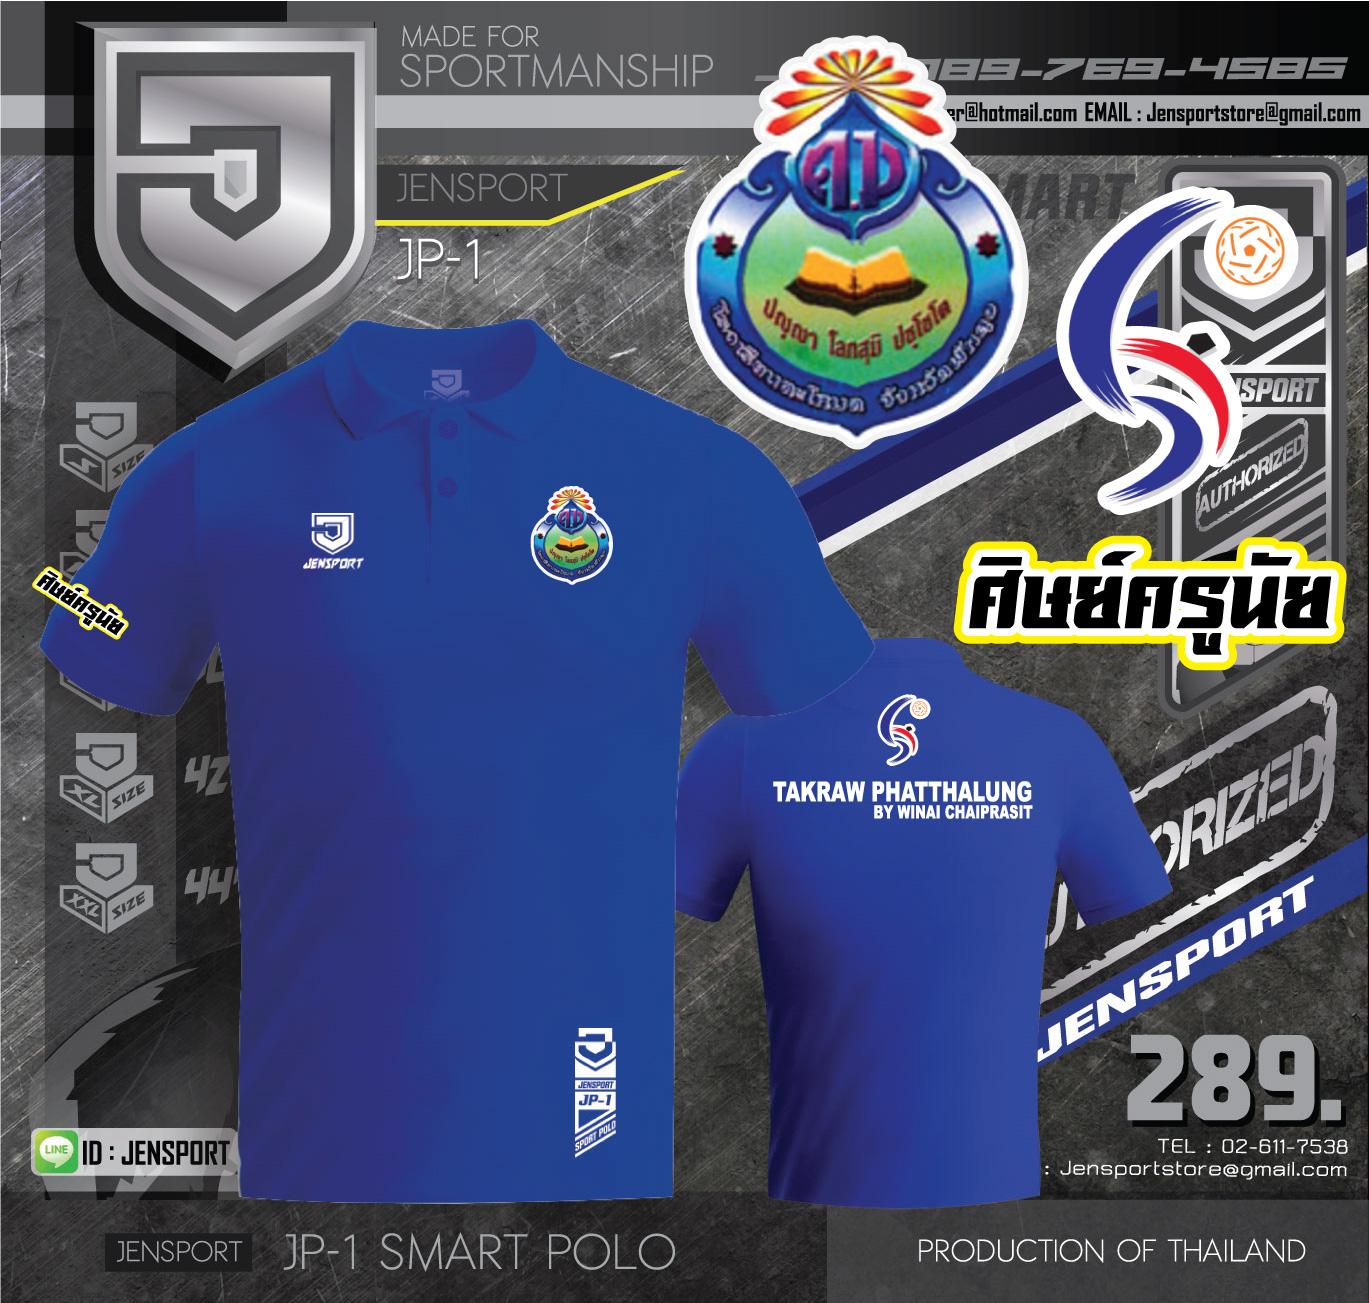 เสื้อฟุตบอลคอปก Jensport ทีม ตะโหนด สีน้ำเงิน